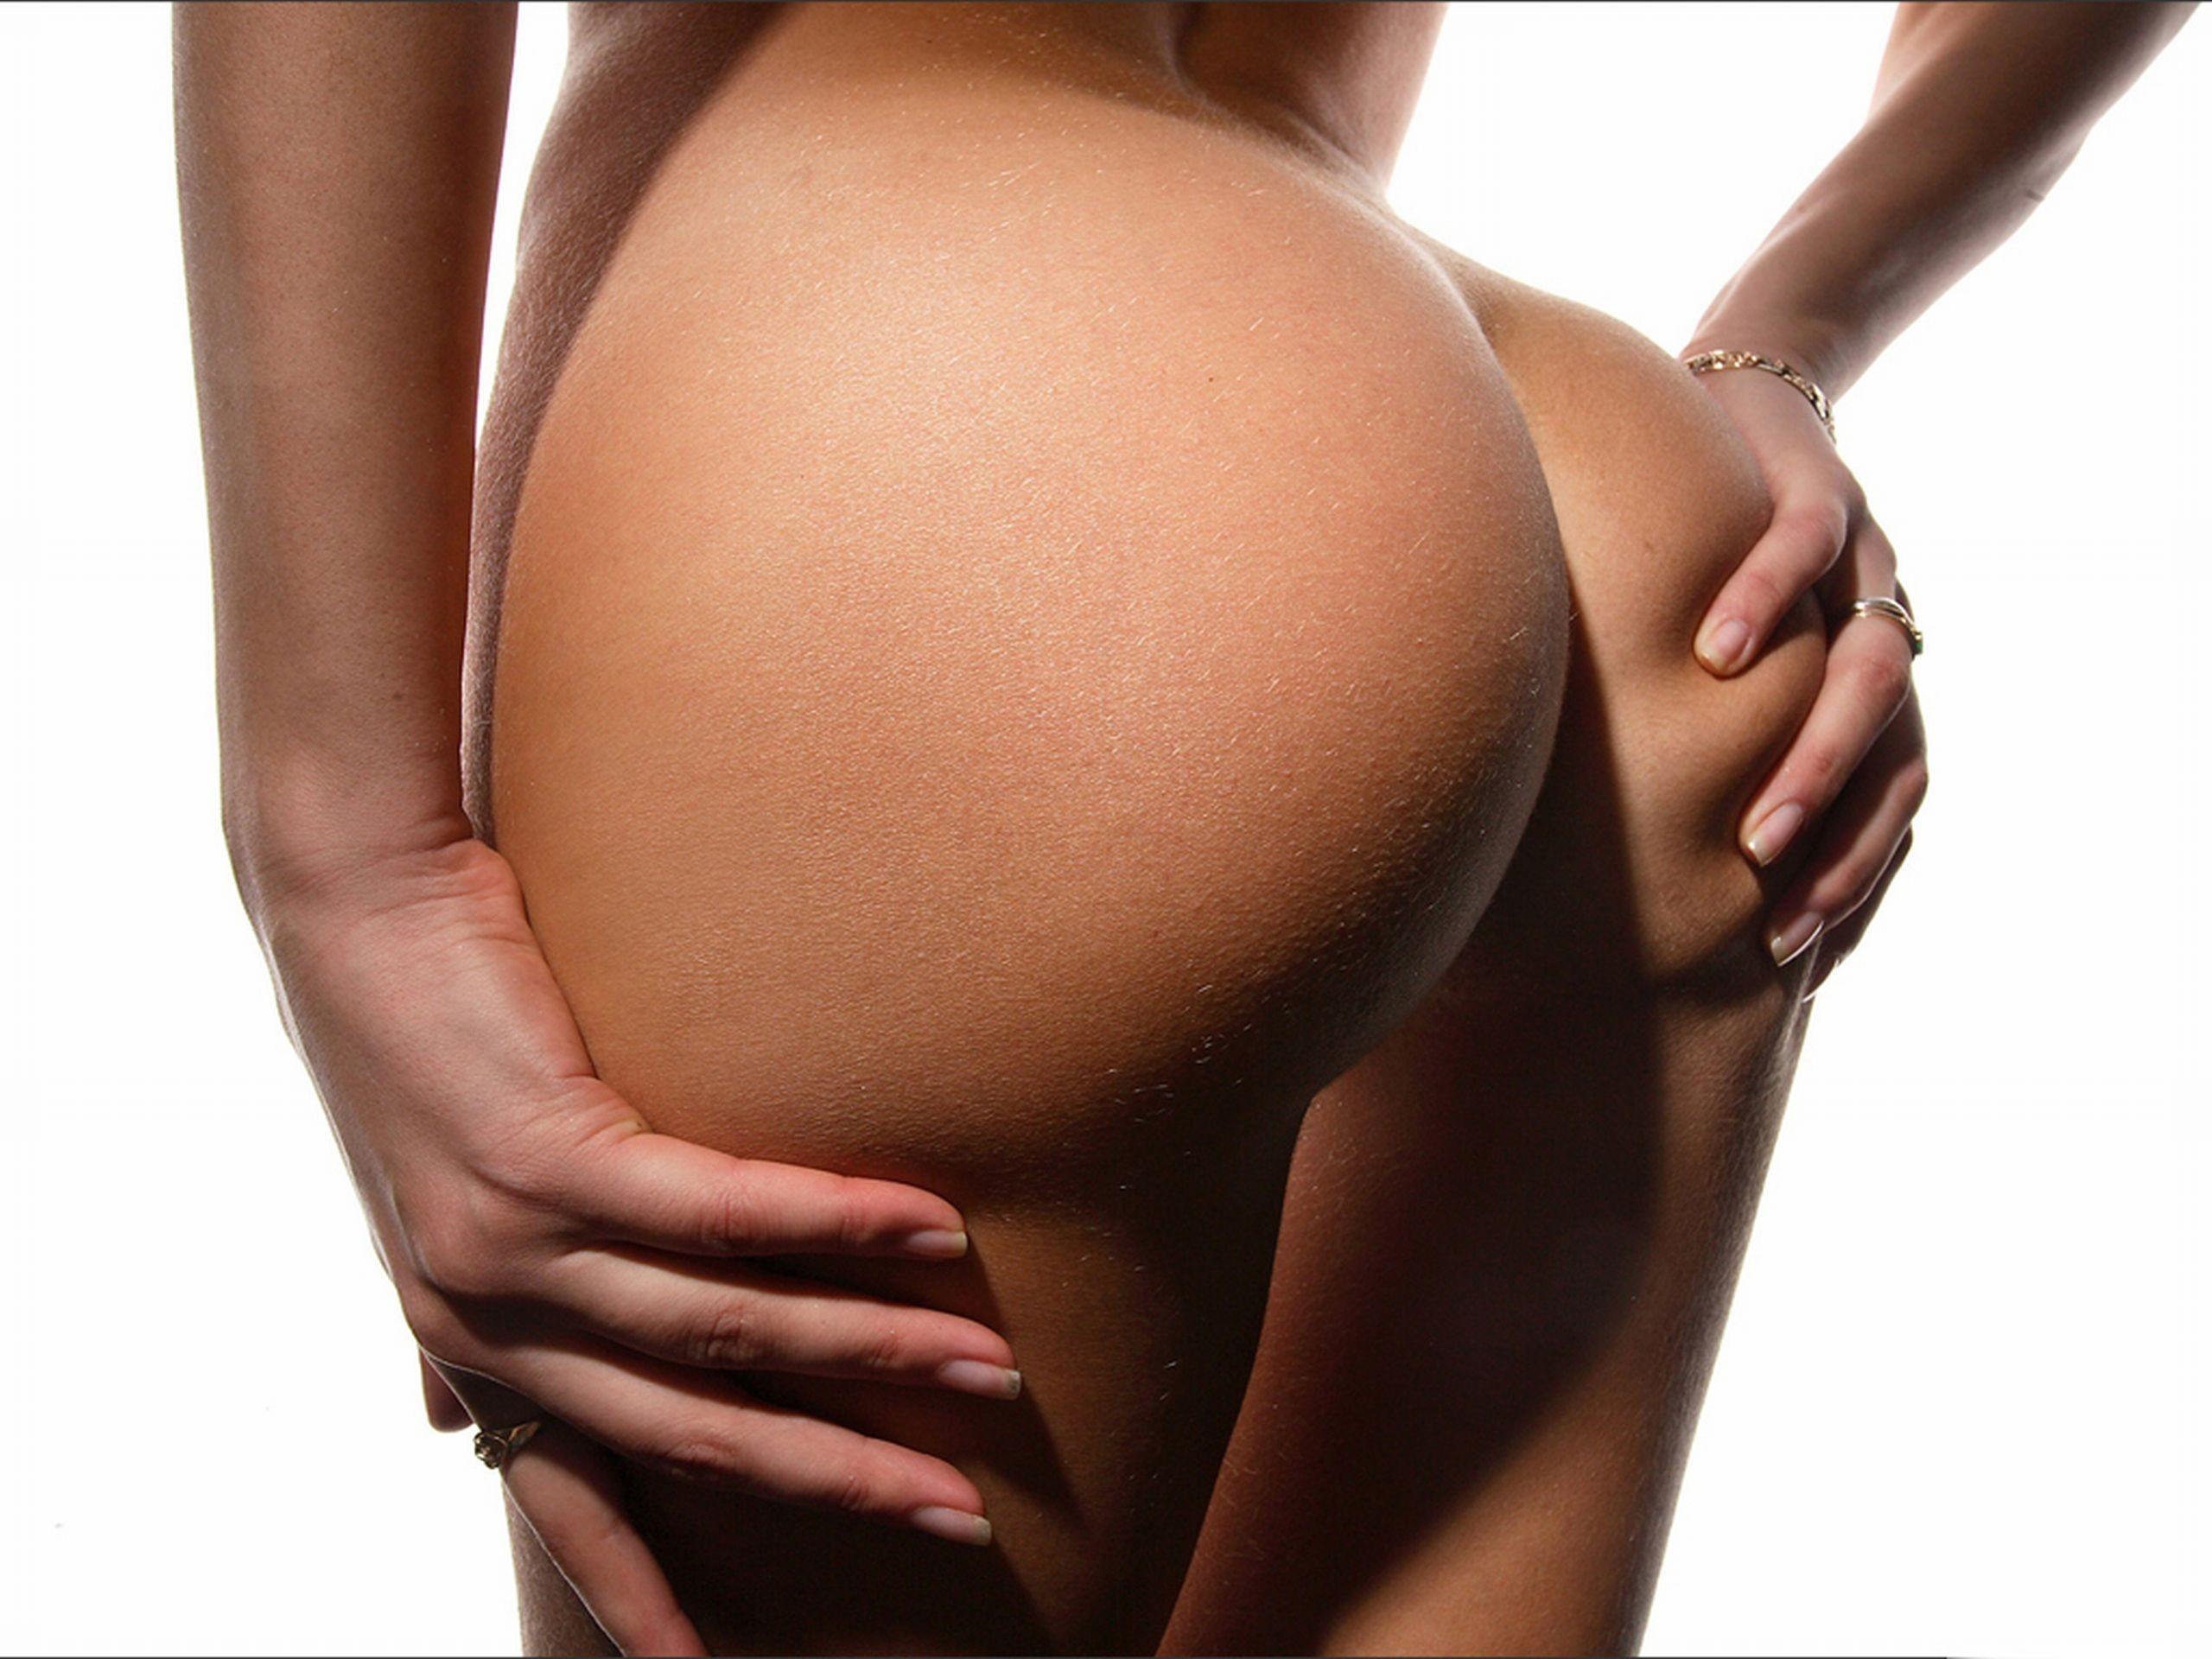 A perfect ass